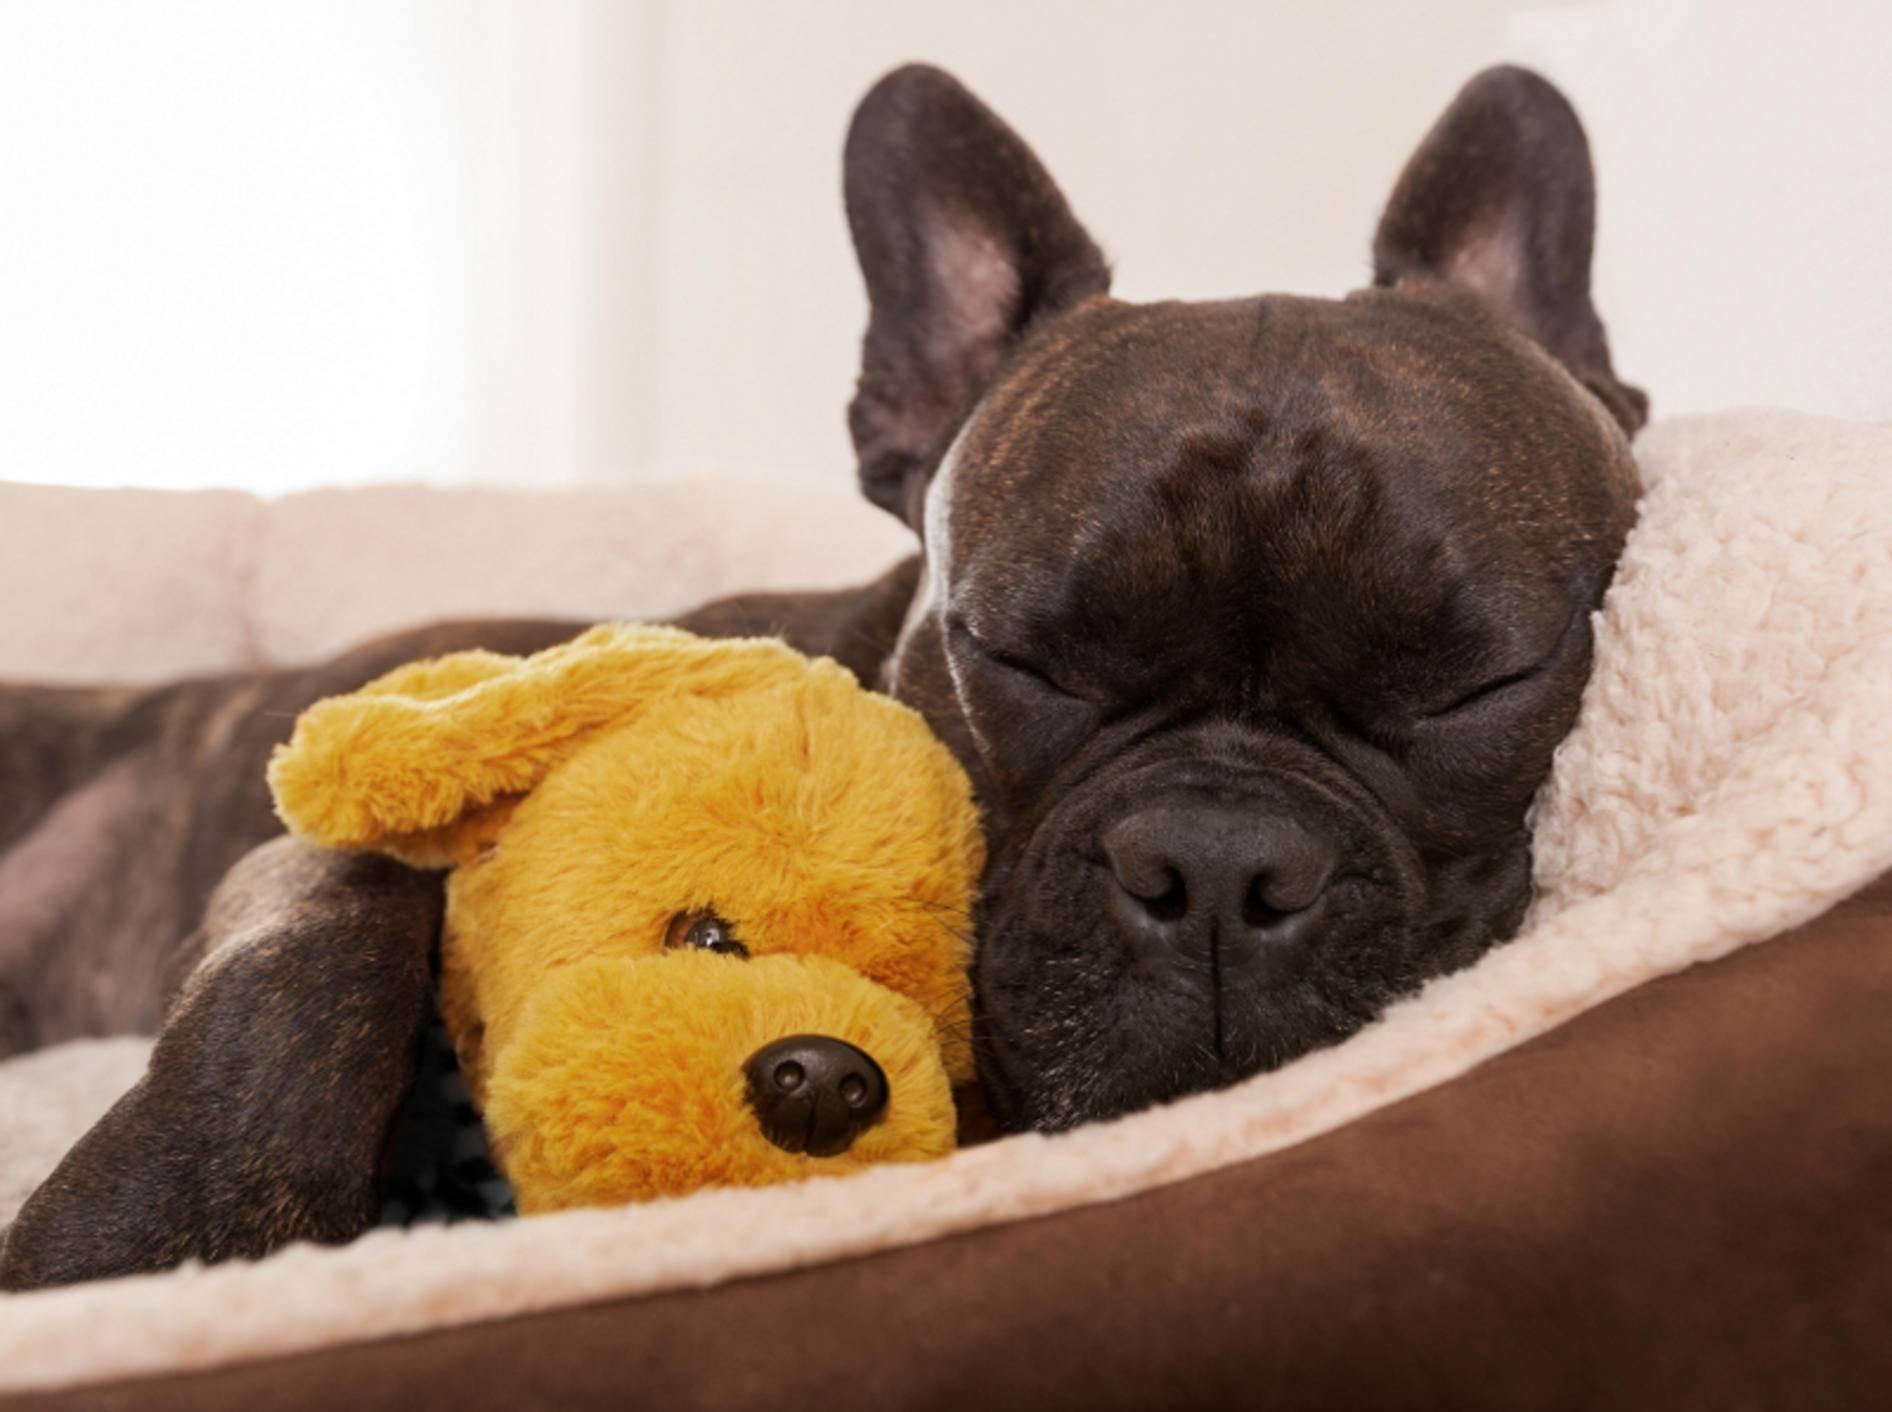 Stellen Sie Ihrem Hund eine gemütliche Schlafgelegenheit wie etwa einen Hundekorb oder ein Hundebett zur Verfügung – Shutterstock / Javier Brosch